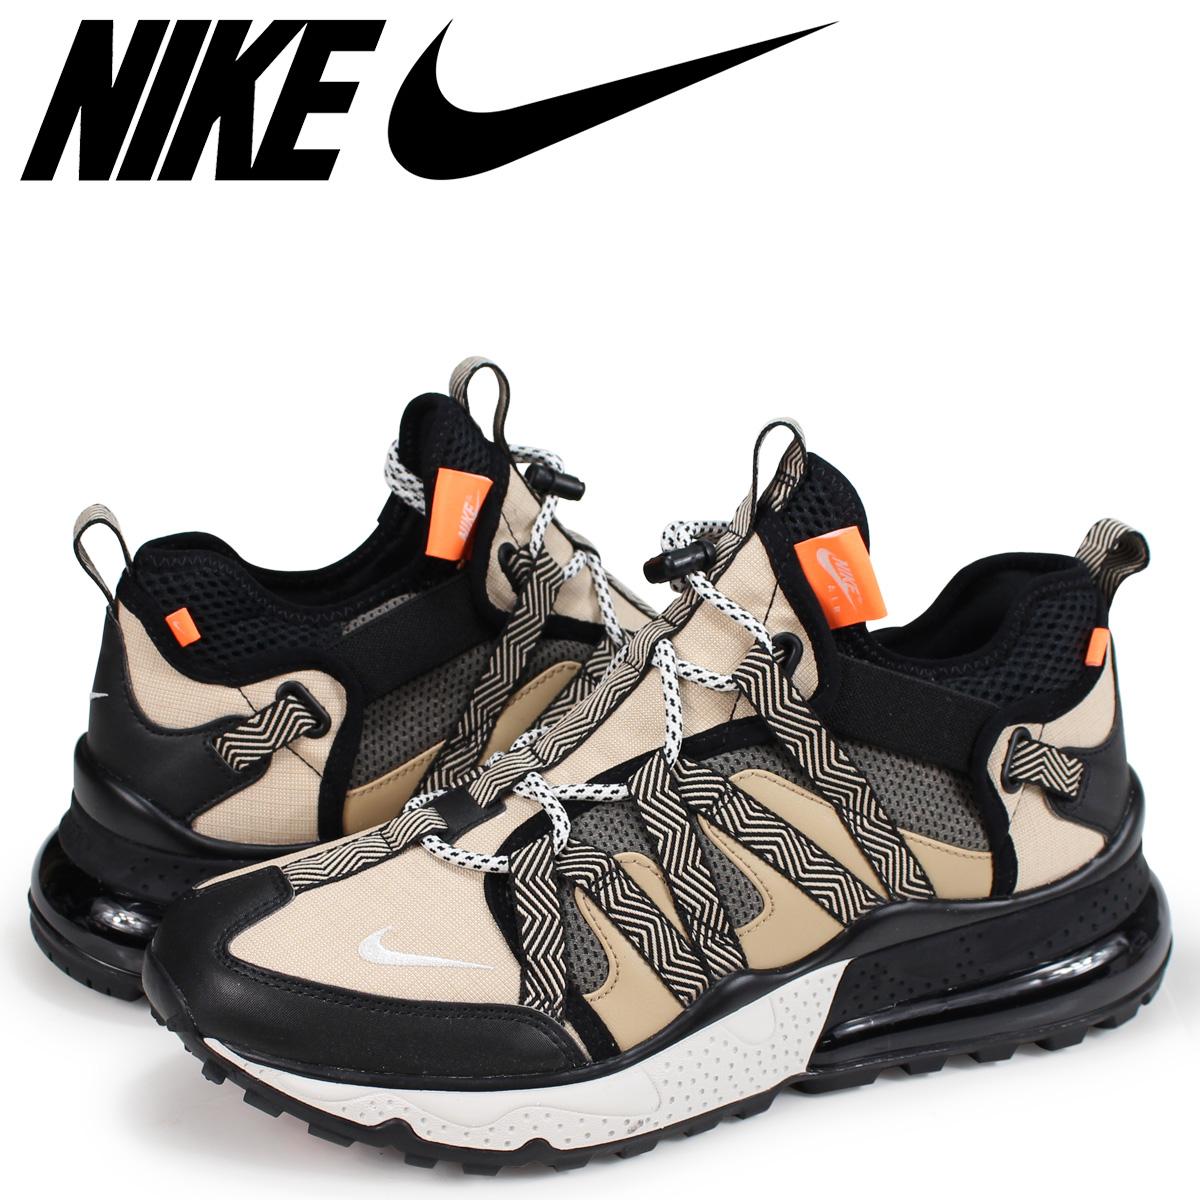 purchase cheap f9959 ed212 Nike NIKE Air Max 270 sneakers men AIR MAX 270 BOWFIN AJ7200-001 black